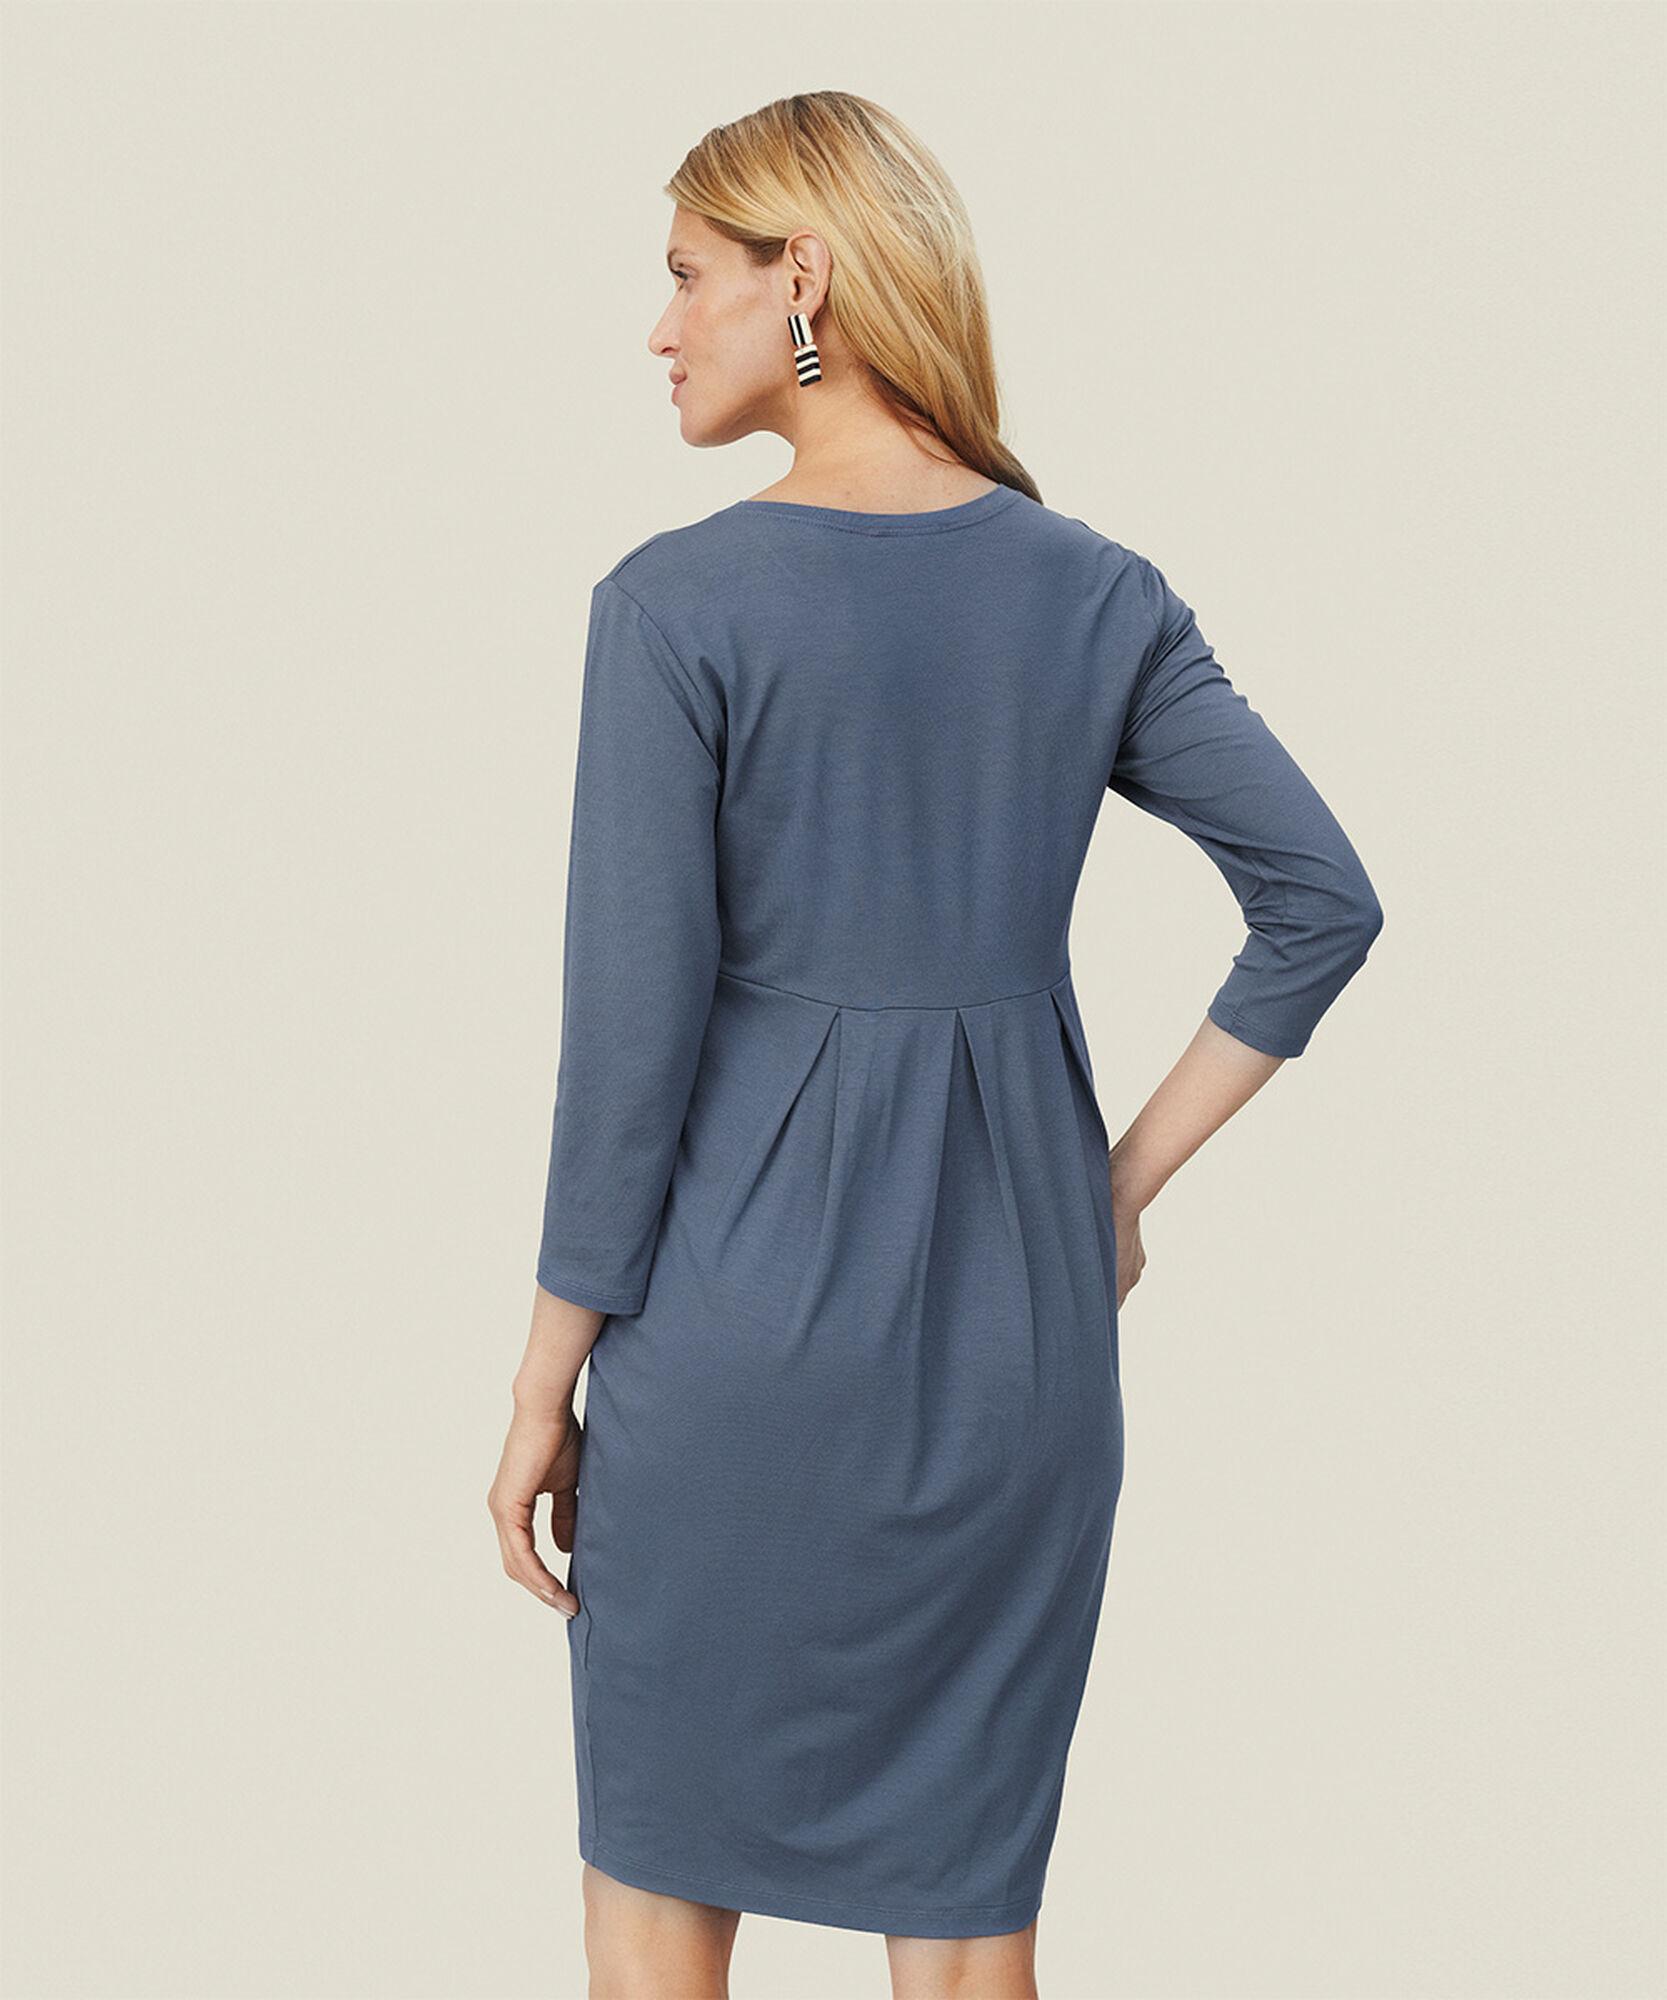 NOMA JERSEY DRESS, Vintage, hi-res